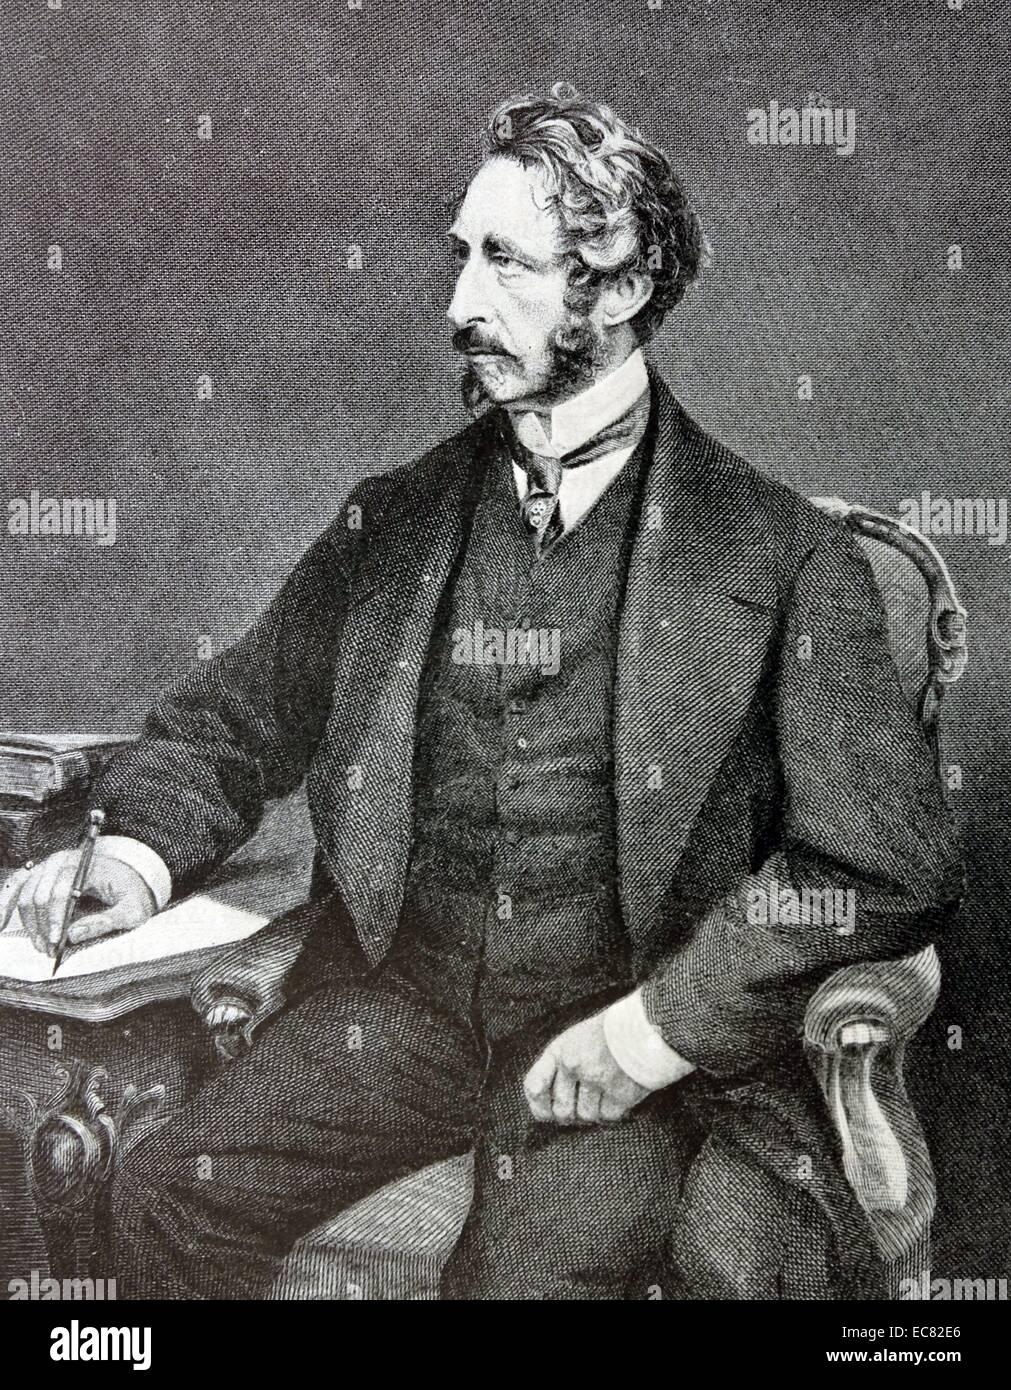 Gravure d'Edward Bulwer-Lytton (1831-1891) Homme d'État anglais, poète et vice-roi de l'Inde. Datée 1878 Banque D'Images